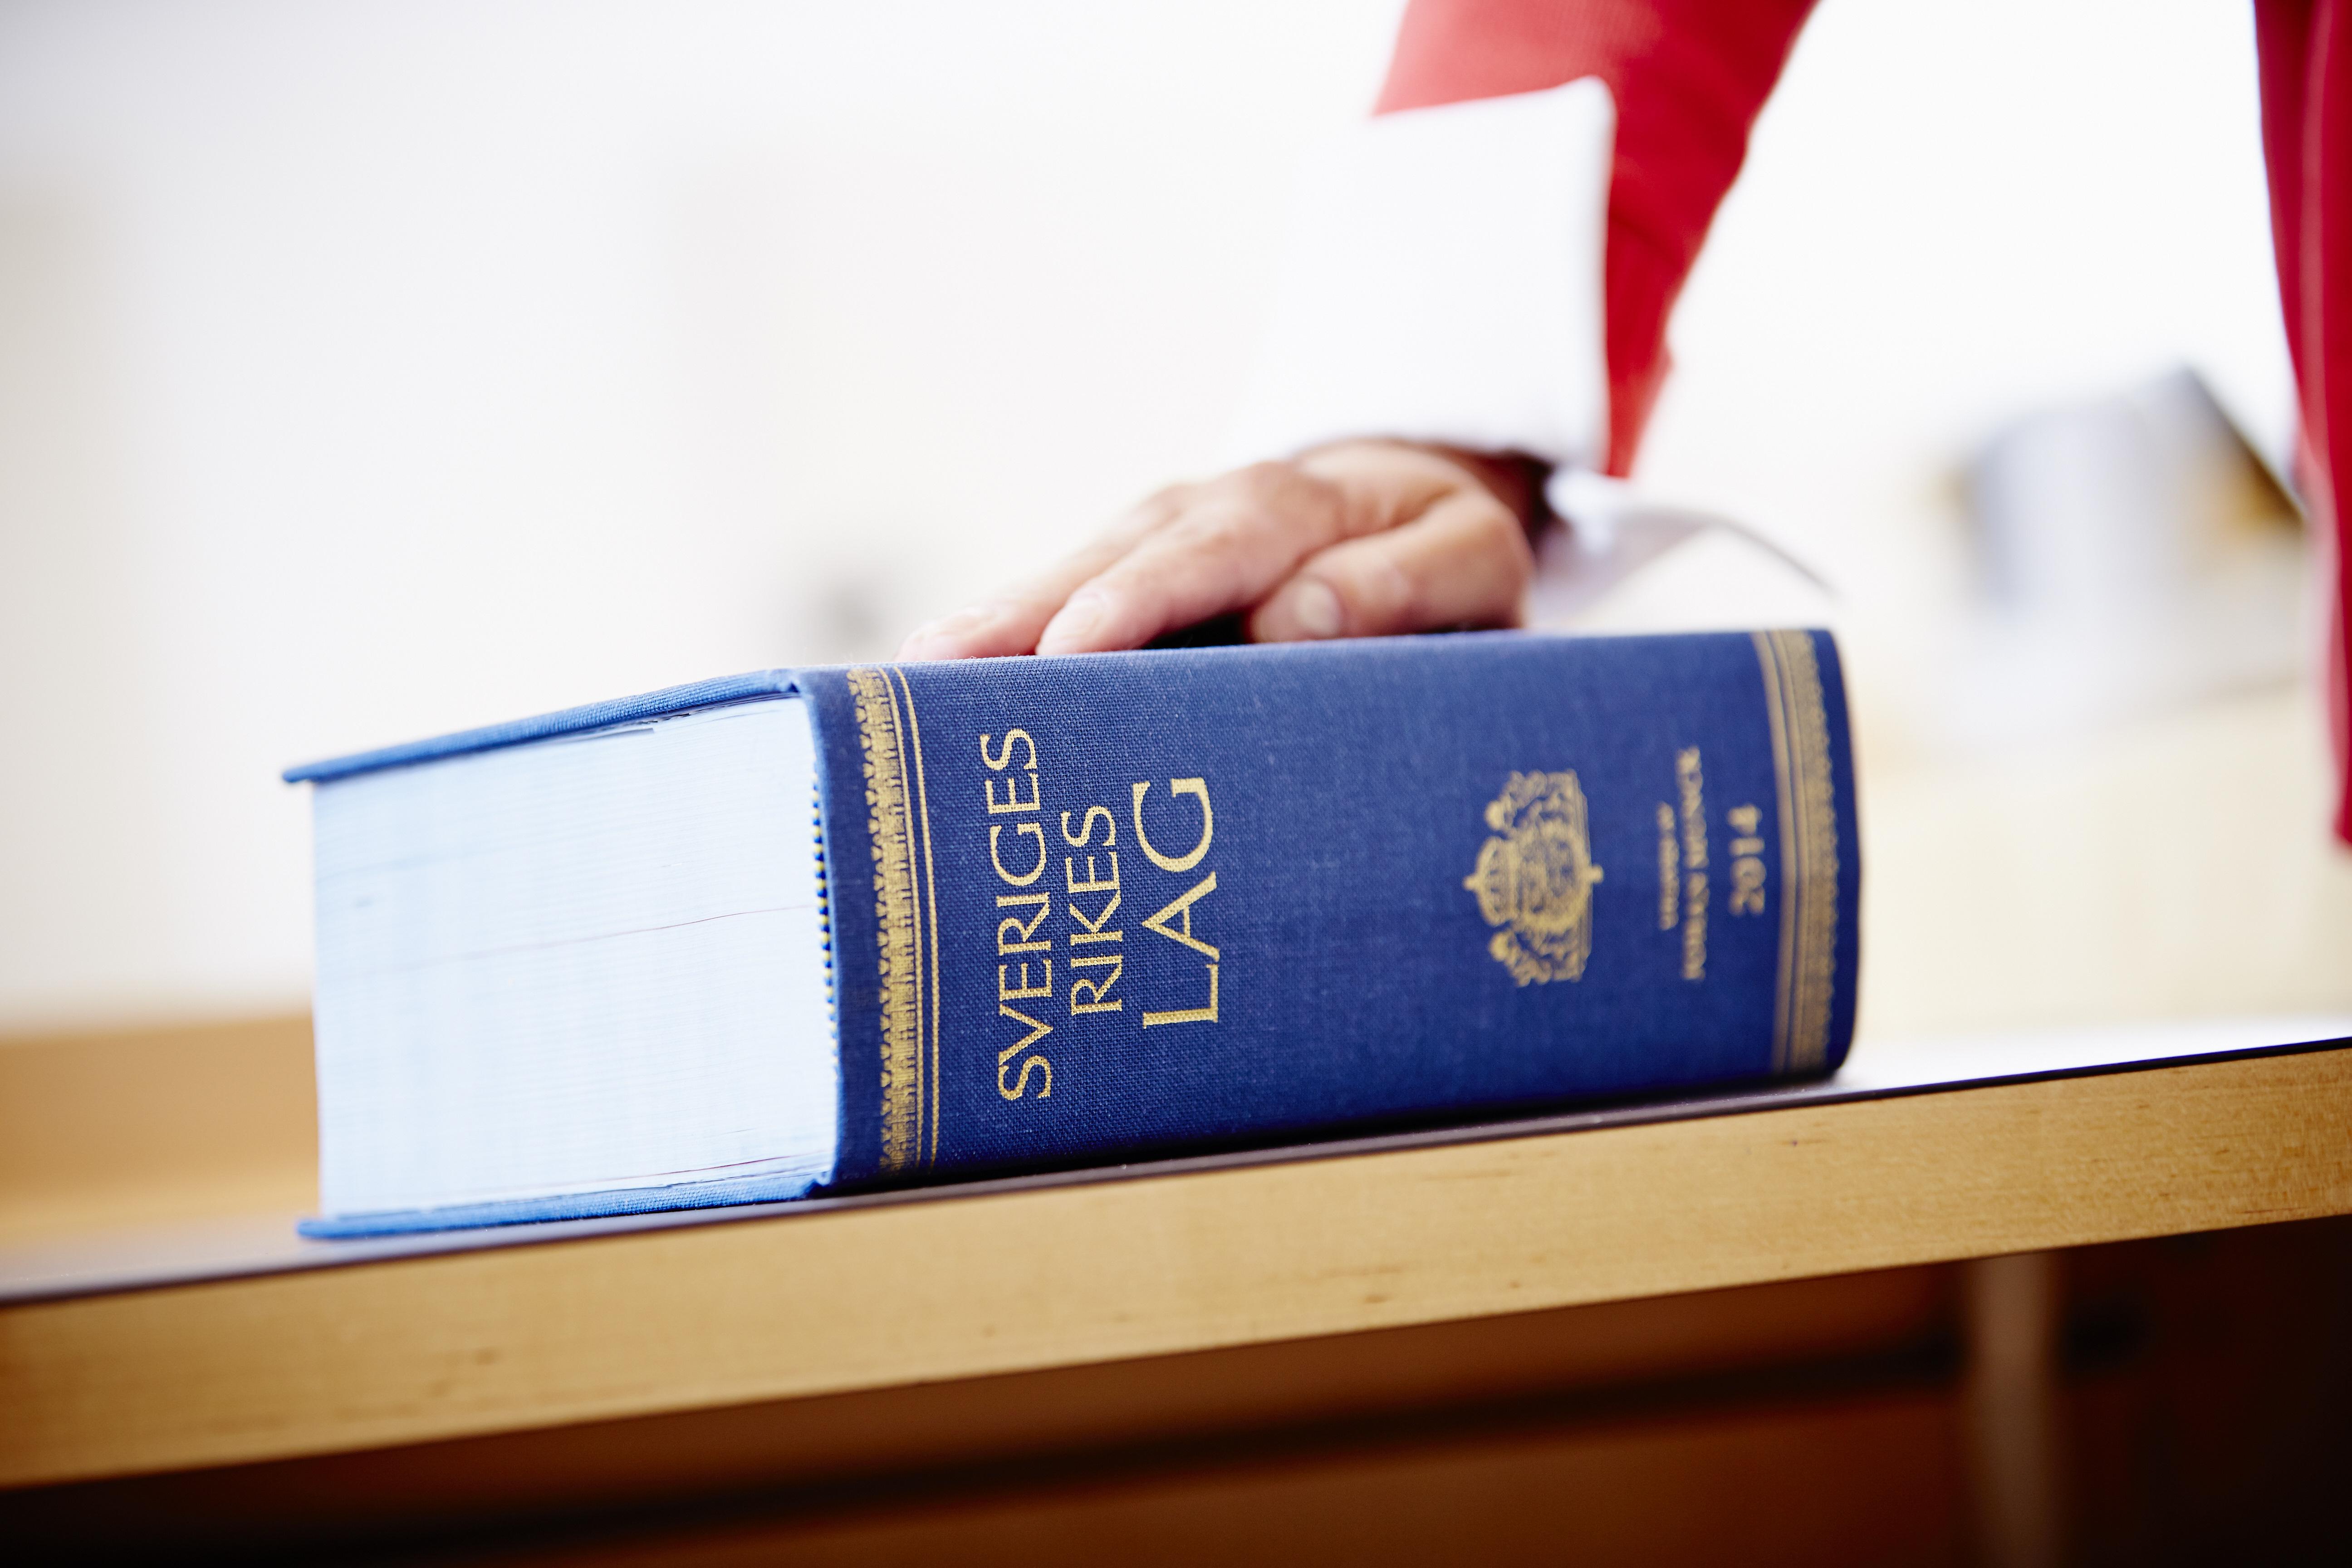 lagbok på bord